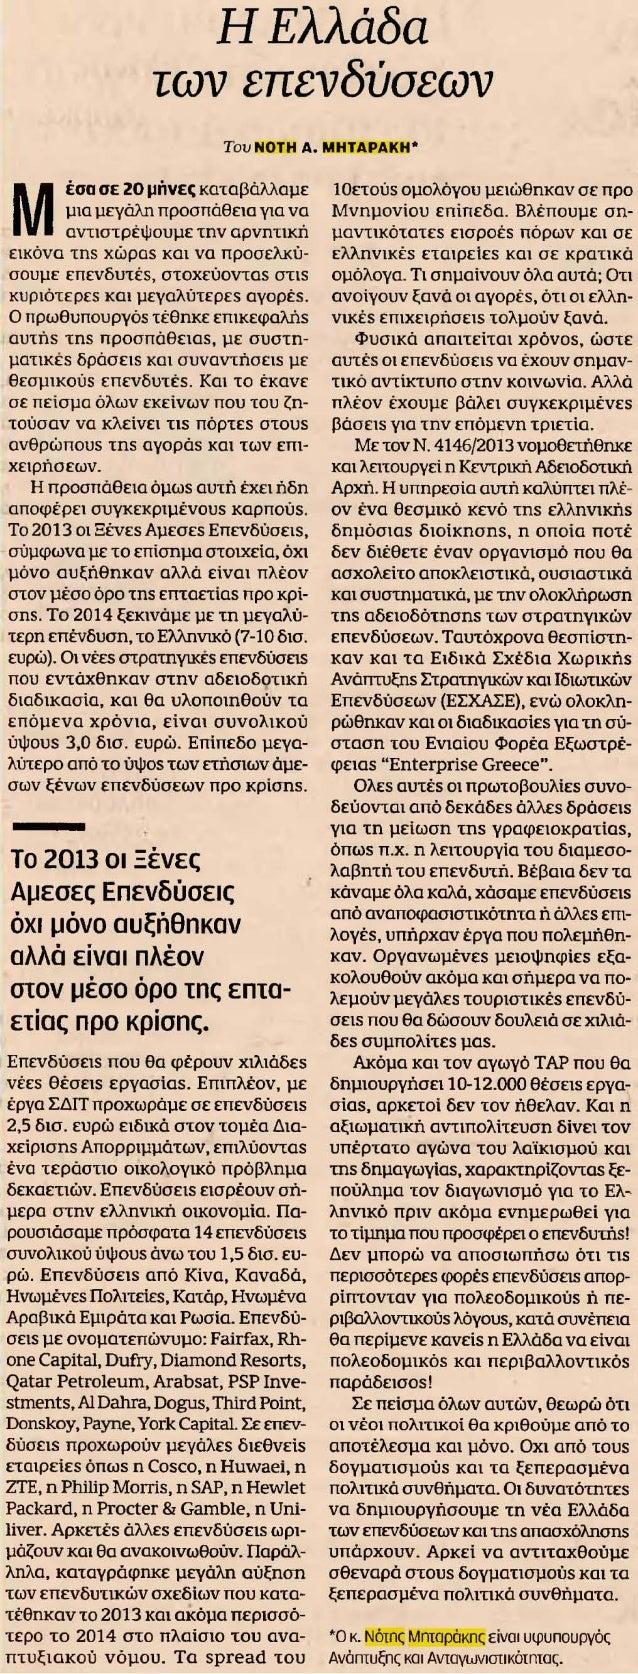 Άρθρο στην Καθημερινή: Η Ελλάδα των Επενδύσεων